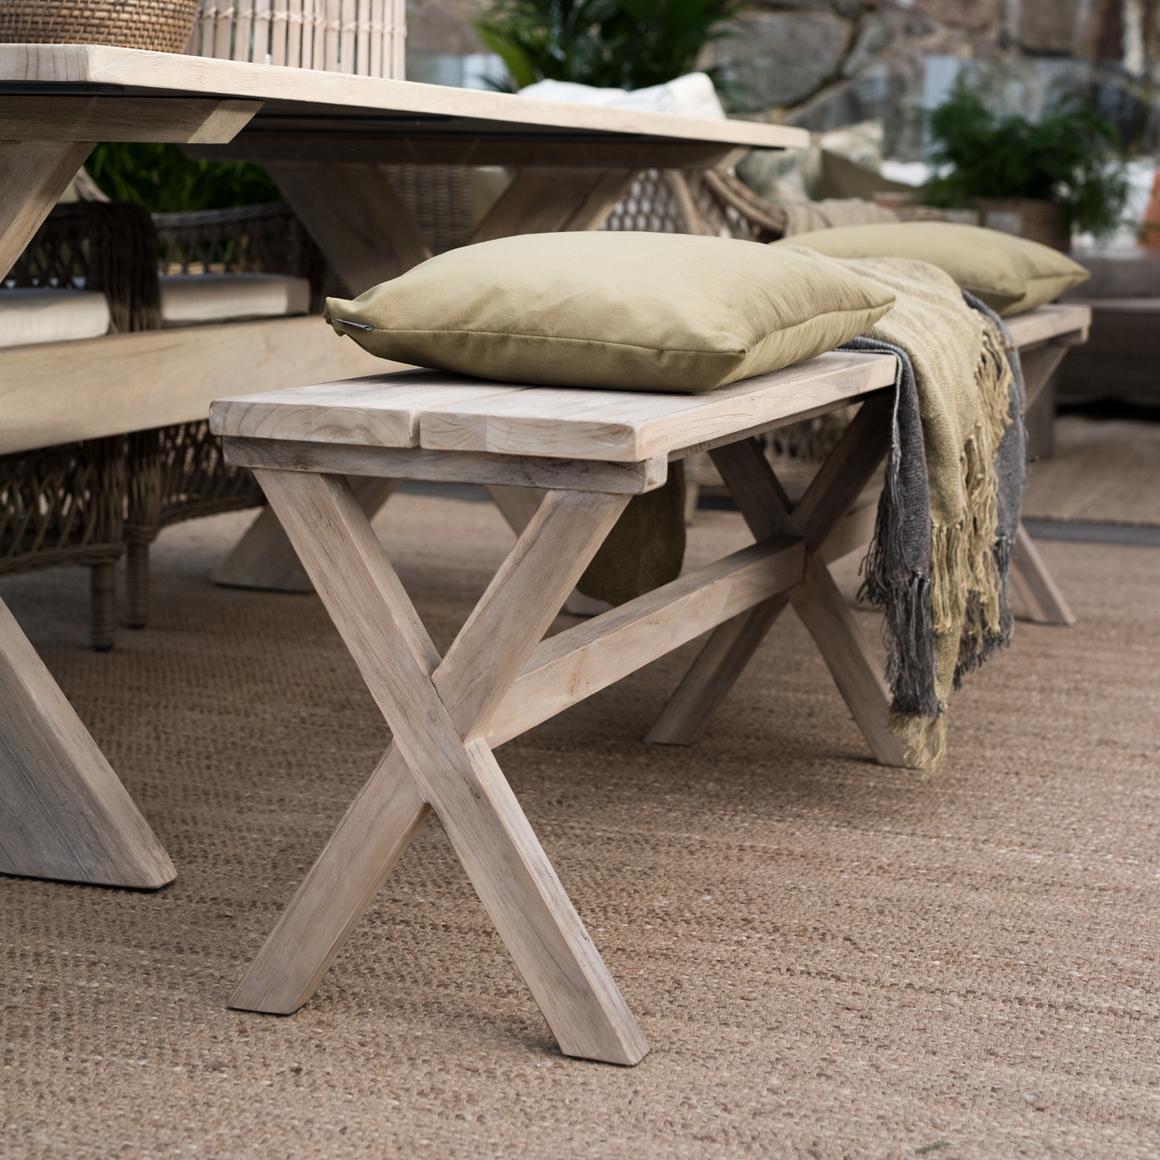 Bänk Cross 220 cm i utemiljö med Cross matbord